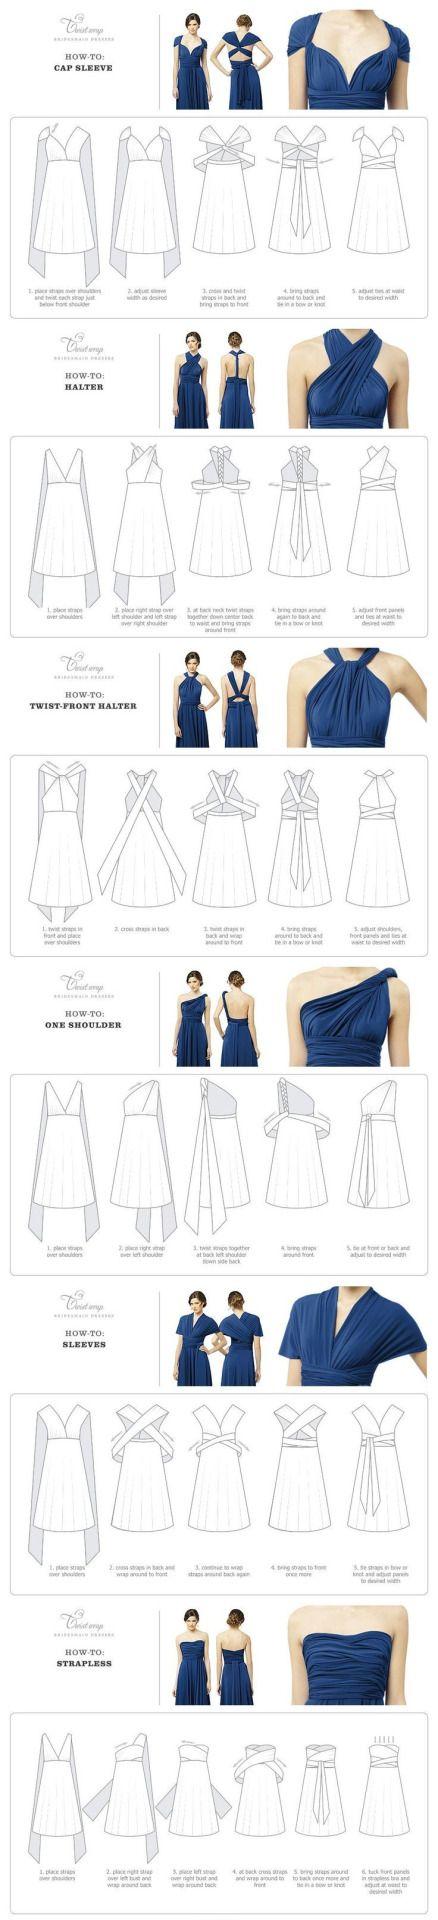 Ein Kleid mit vielen Moden zu tragen #Abendkleid #Cocktailkleid